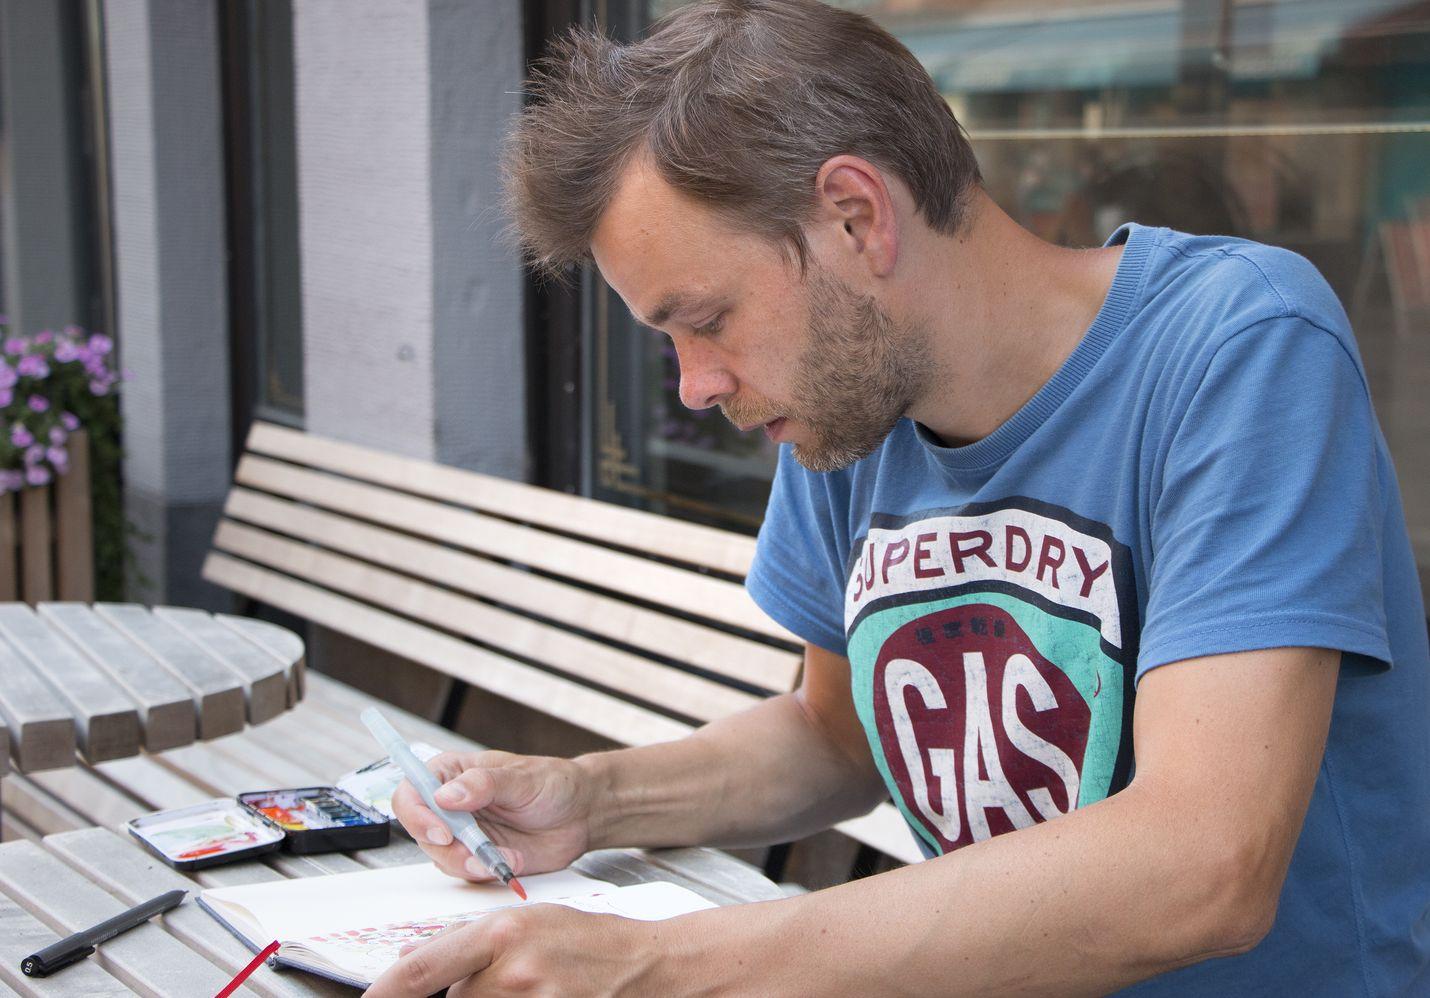 Pilapiirtäjä Ville Rannan lamppu syttyi viime perjantaina, kun hän muisti syksyllä tekemänsä piirroksen.